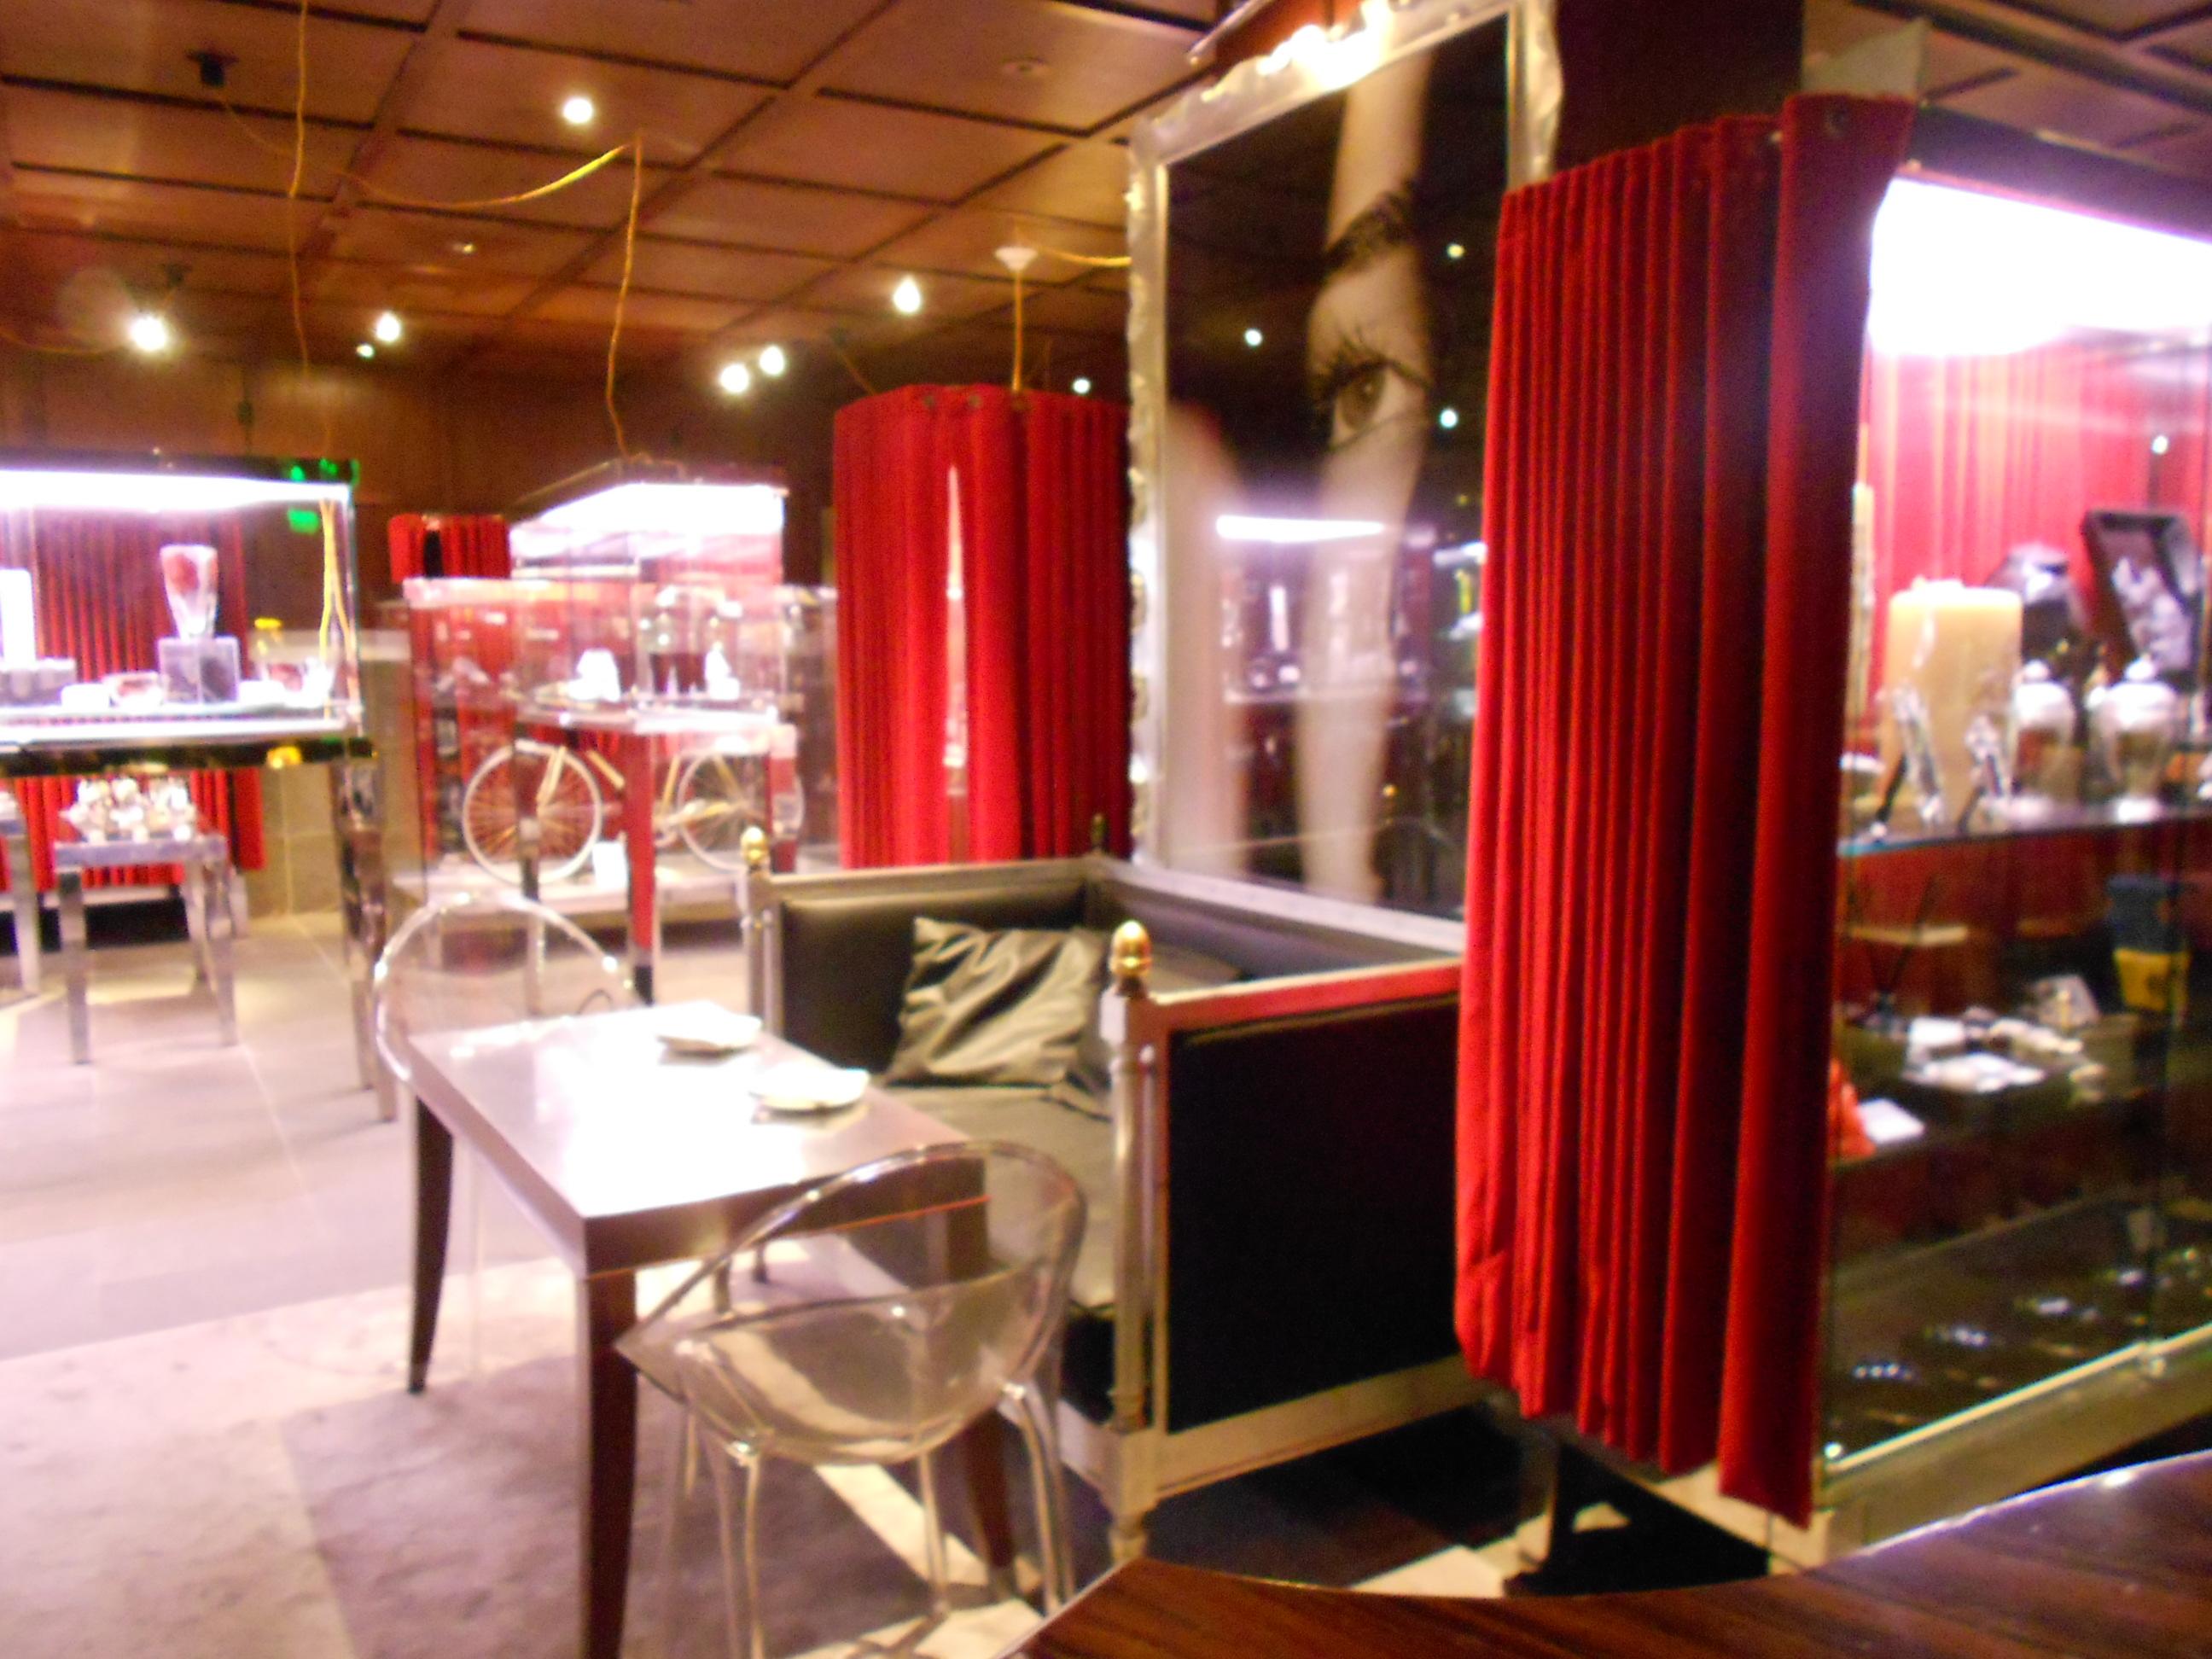 TheBazaar_SLShotel_BeverlyHills_Restaurante_LosAngeles2696